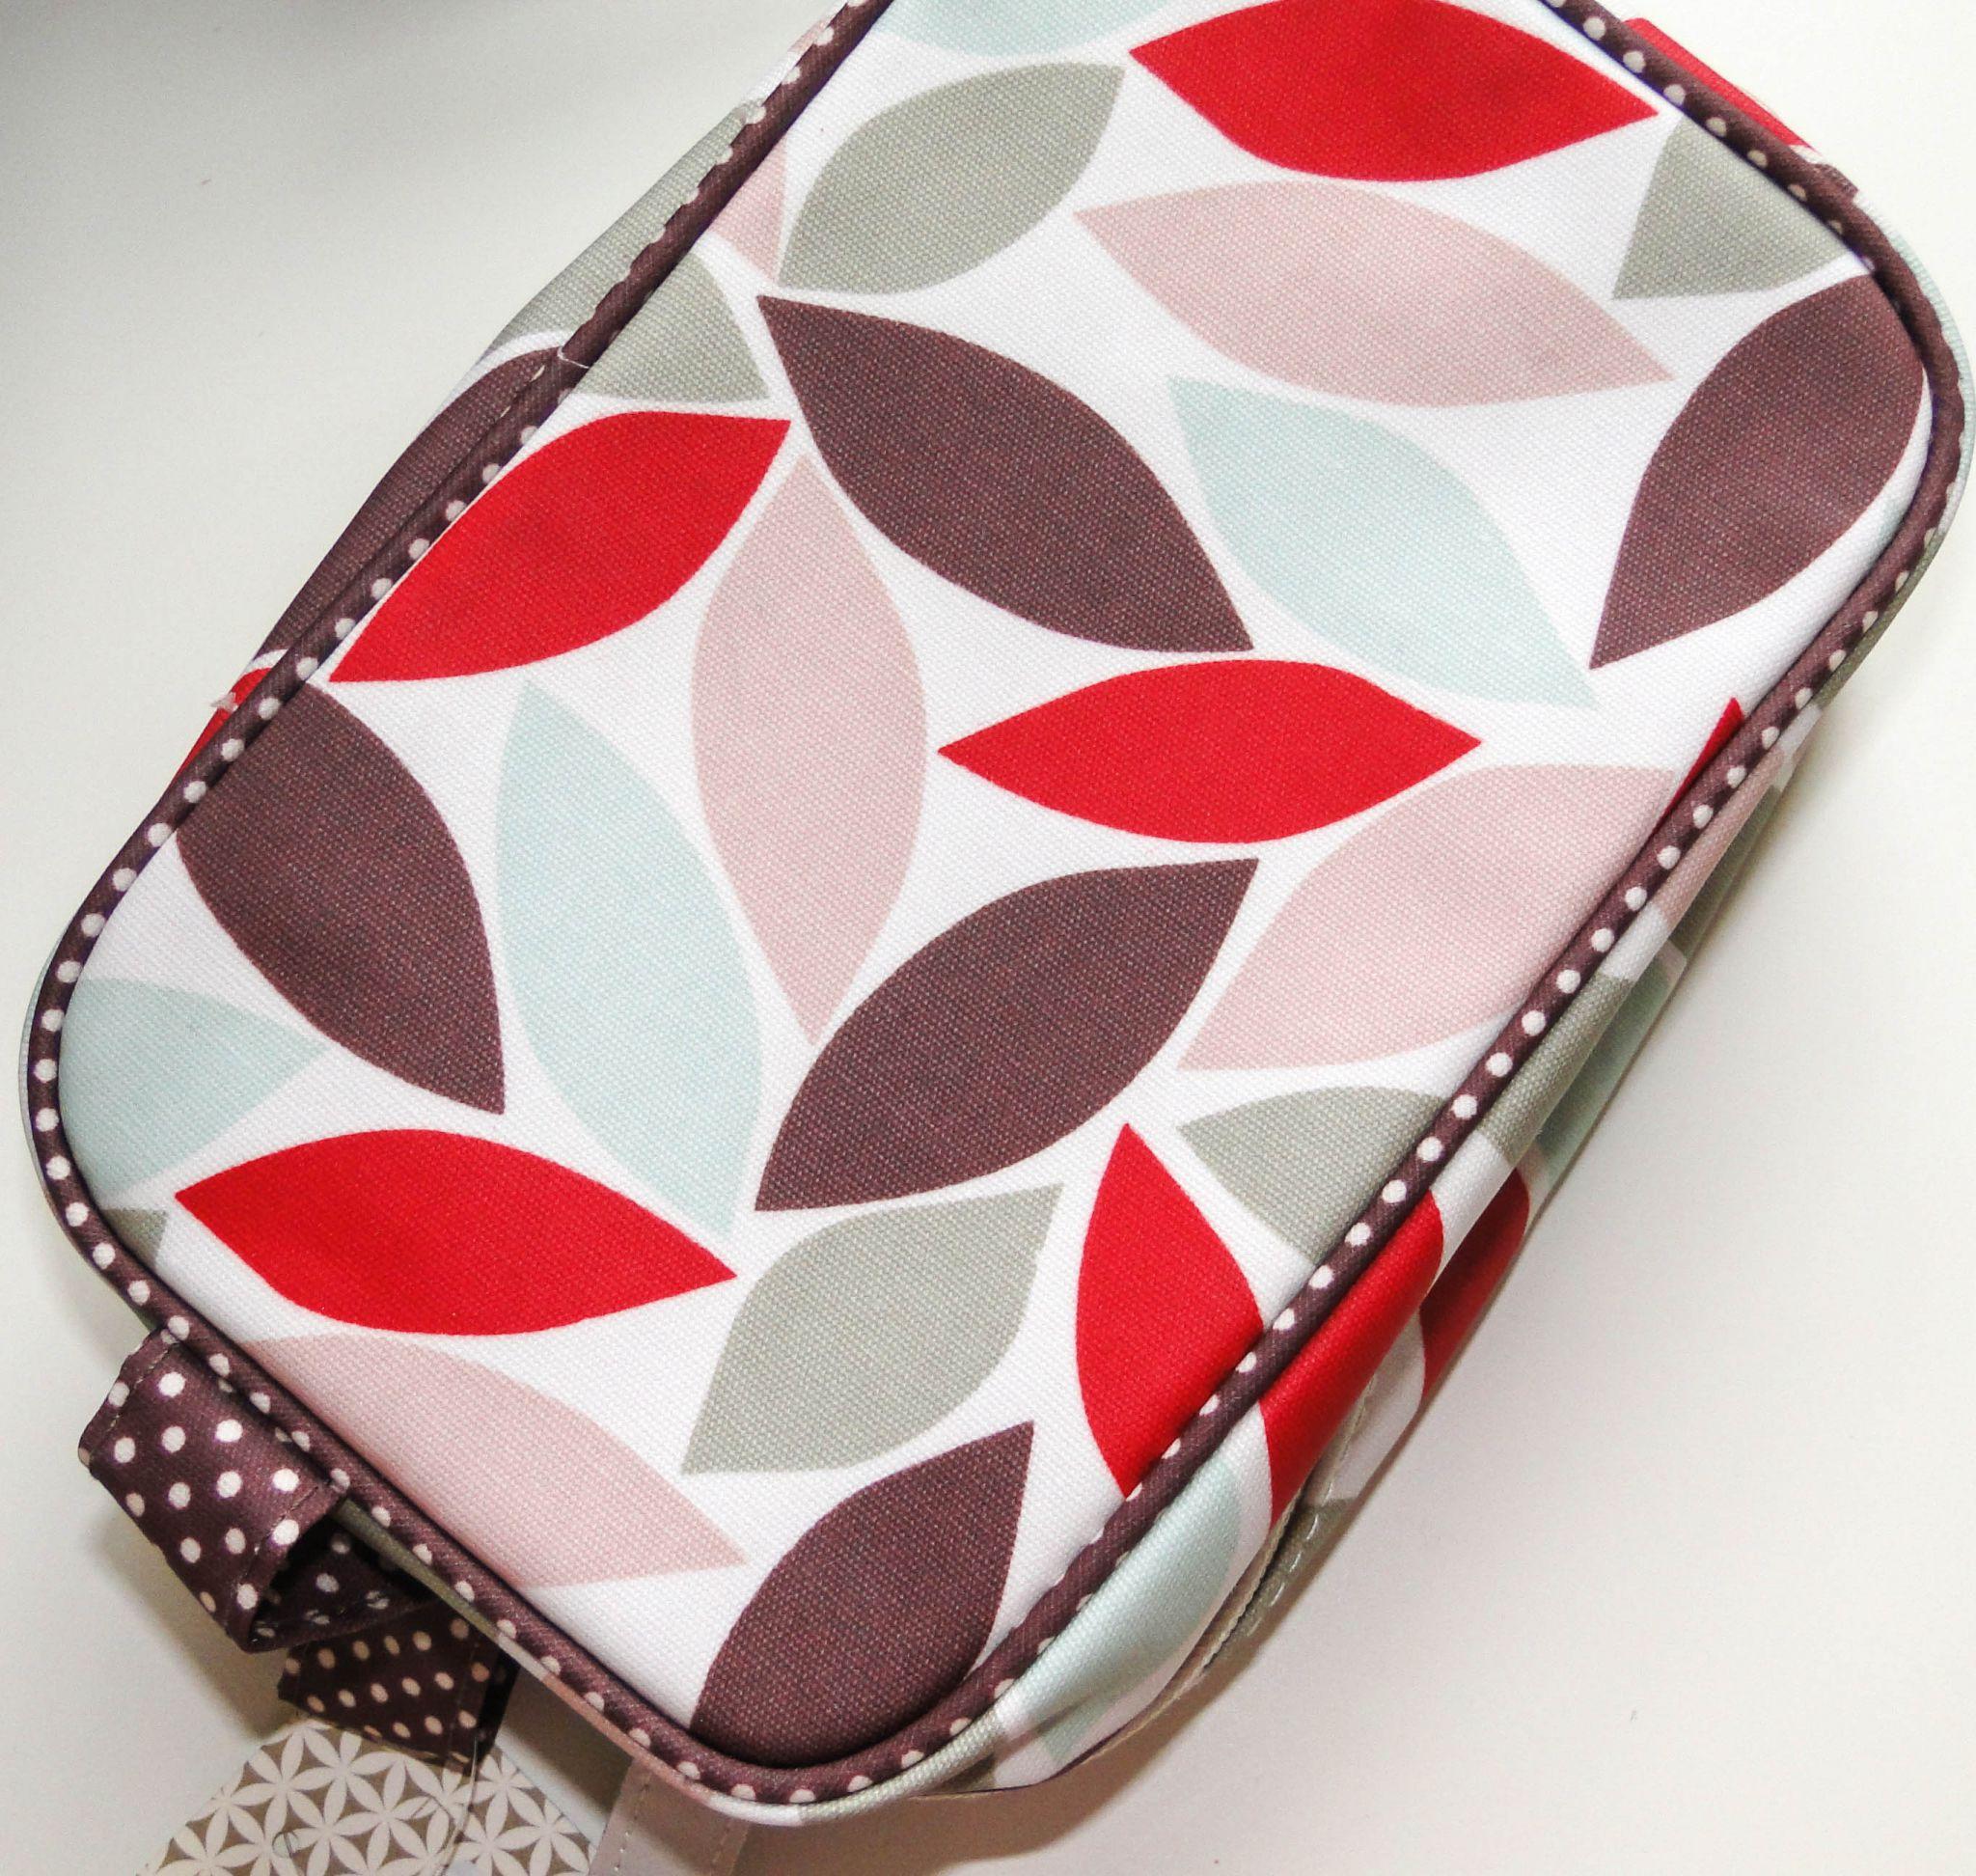 Victoria Green Cosmetics Bags-3